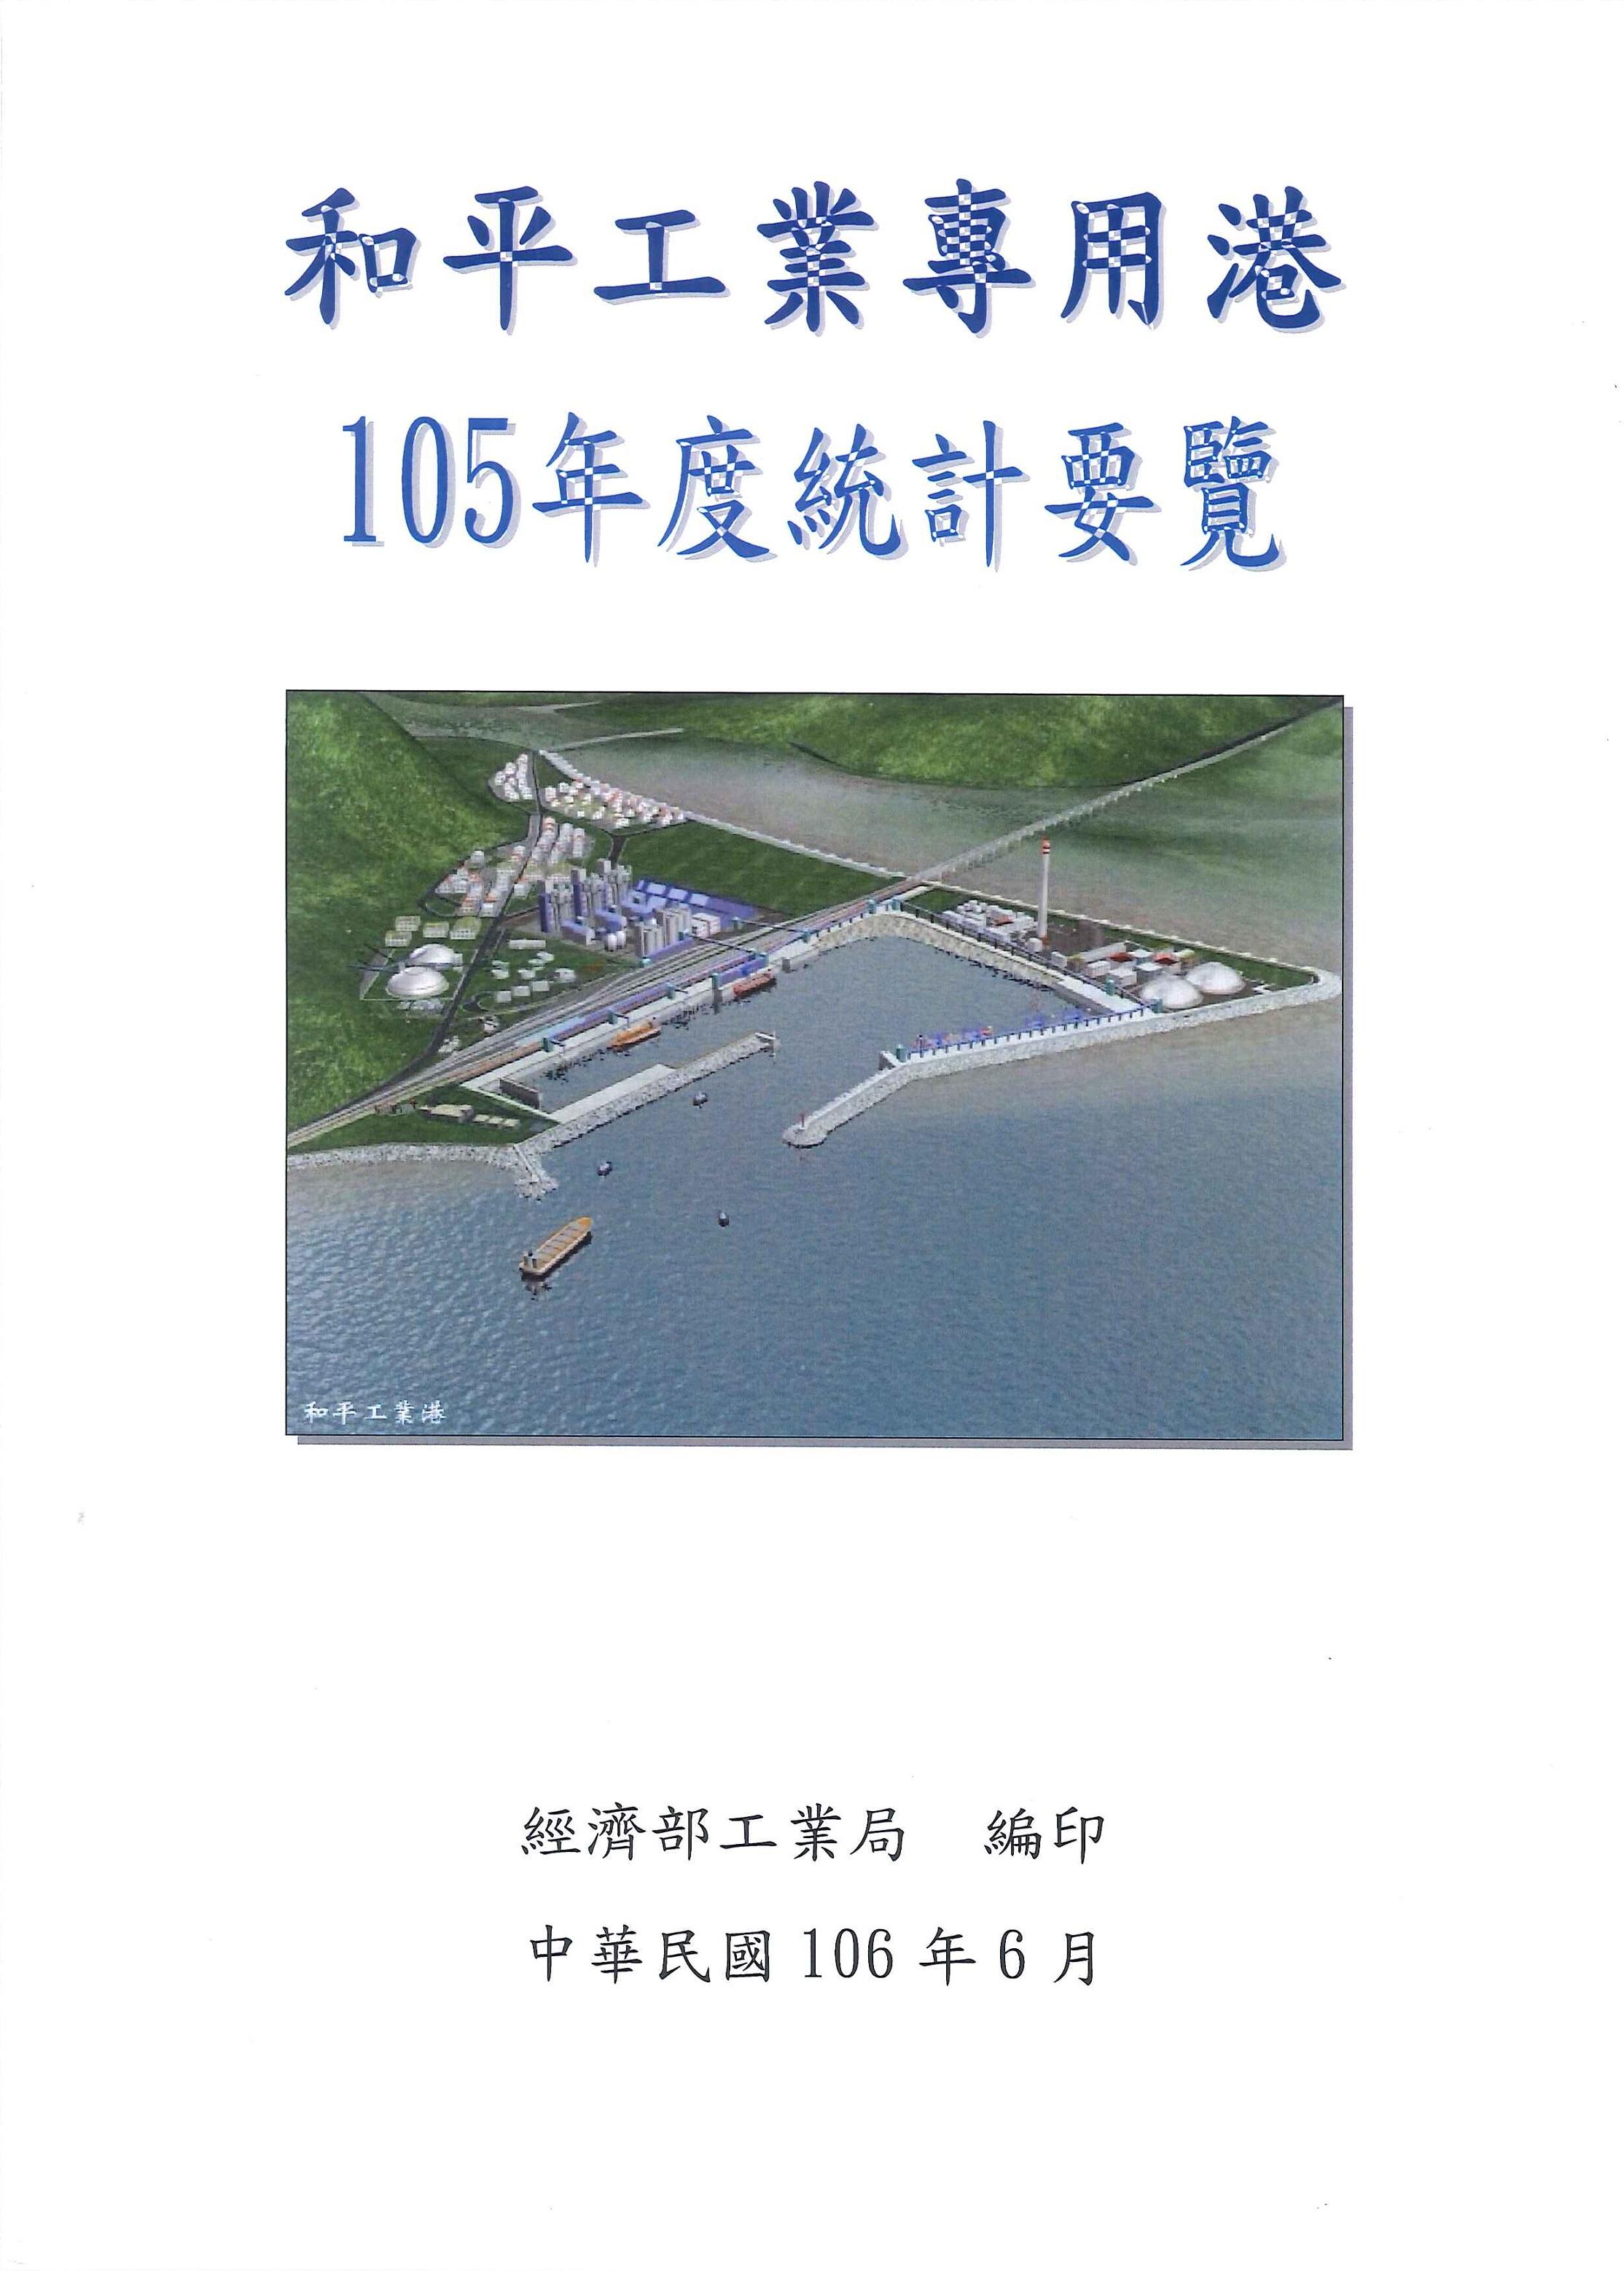 和平工業專用港:統計要覽